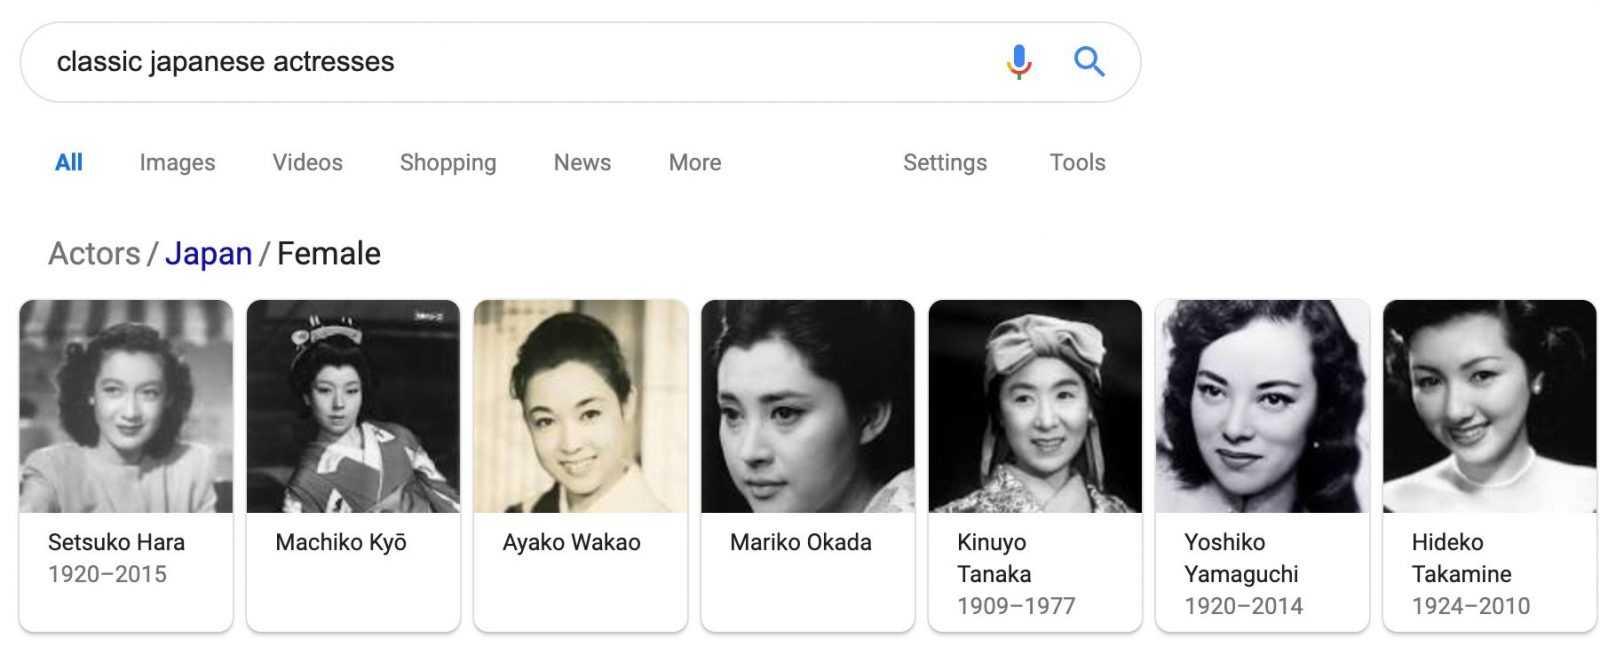 japanese actresses 10 - Google Knowledge Graph là gì?